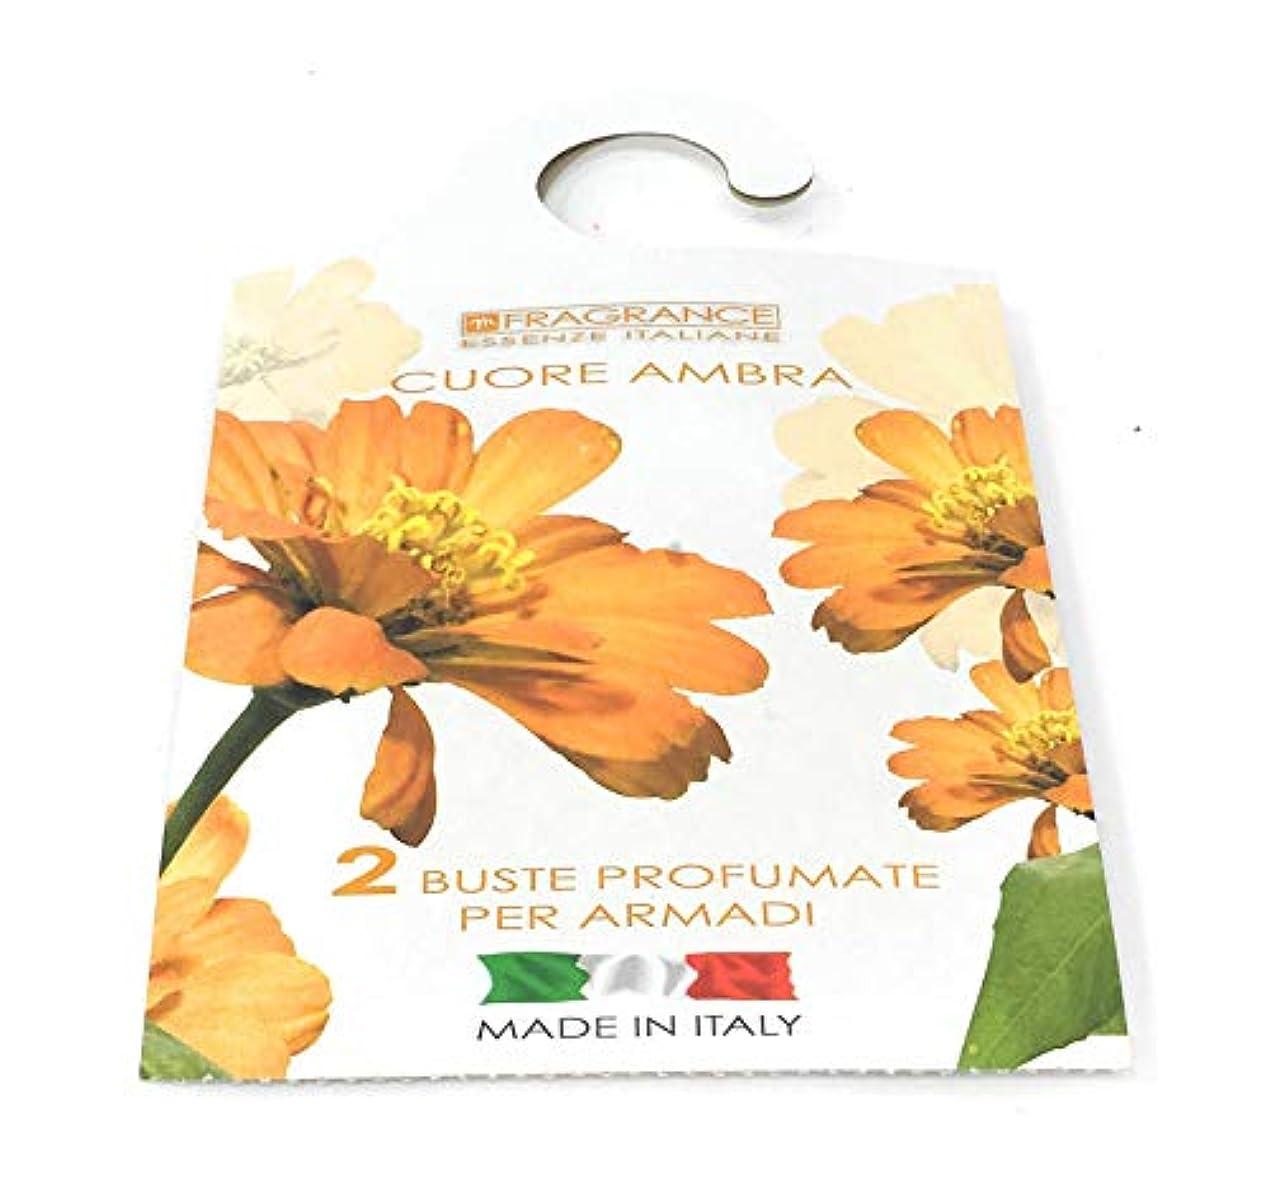 機械的に導体暗記するMERCURY ITALY 吊り下げるサシェ(香り袋) FIOREALE イタリア製 (アンバーハート)